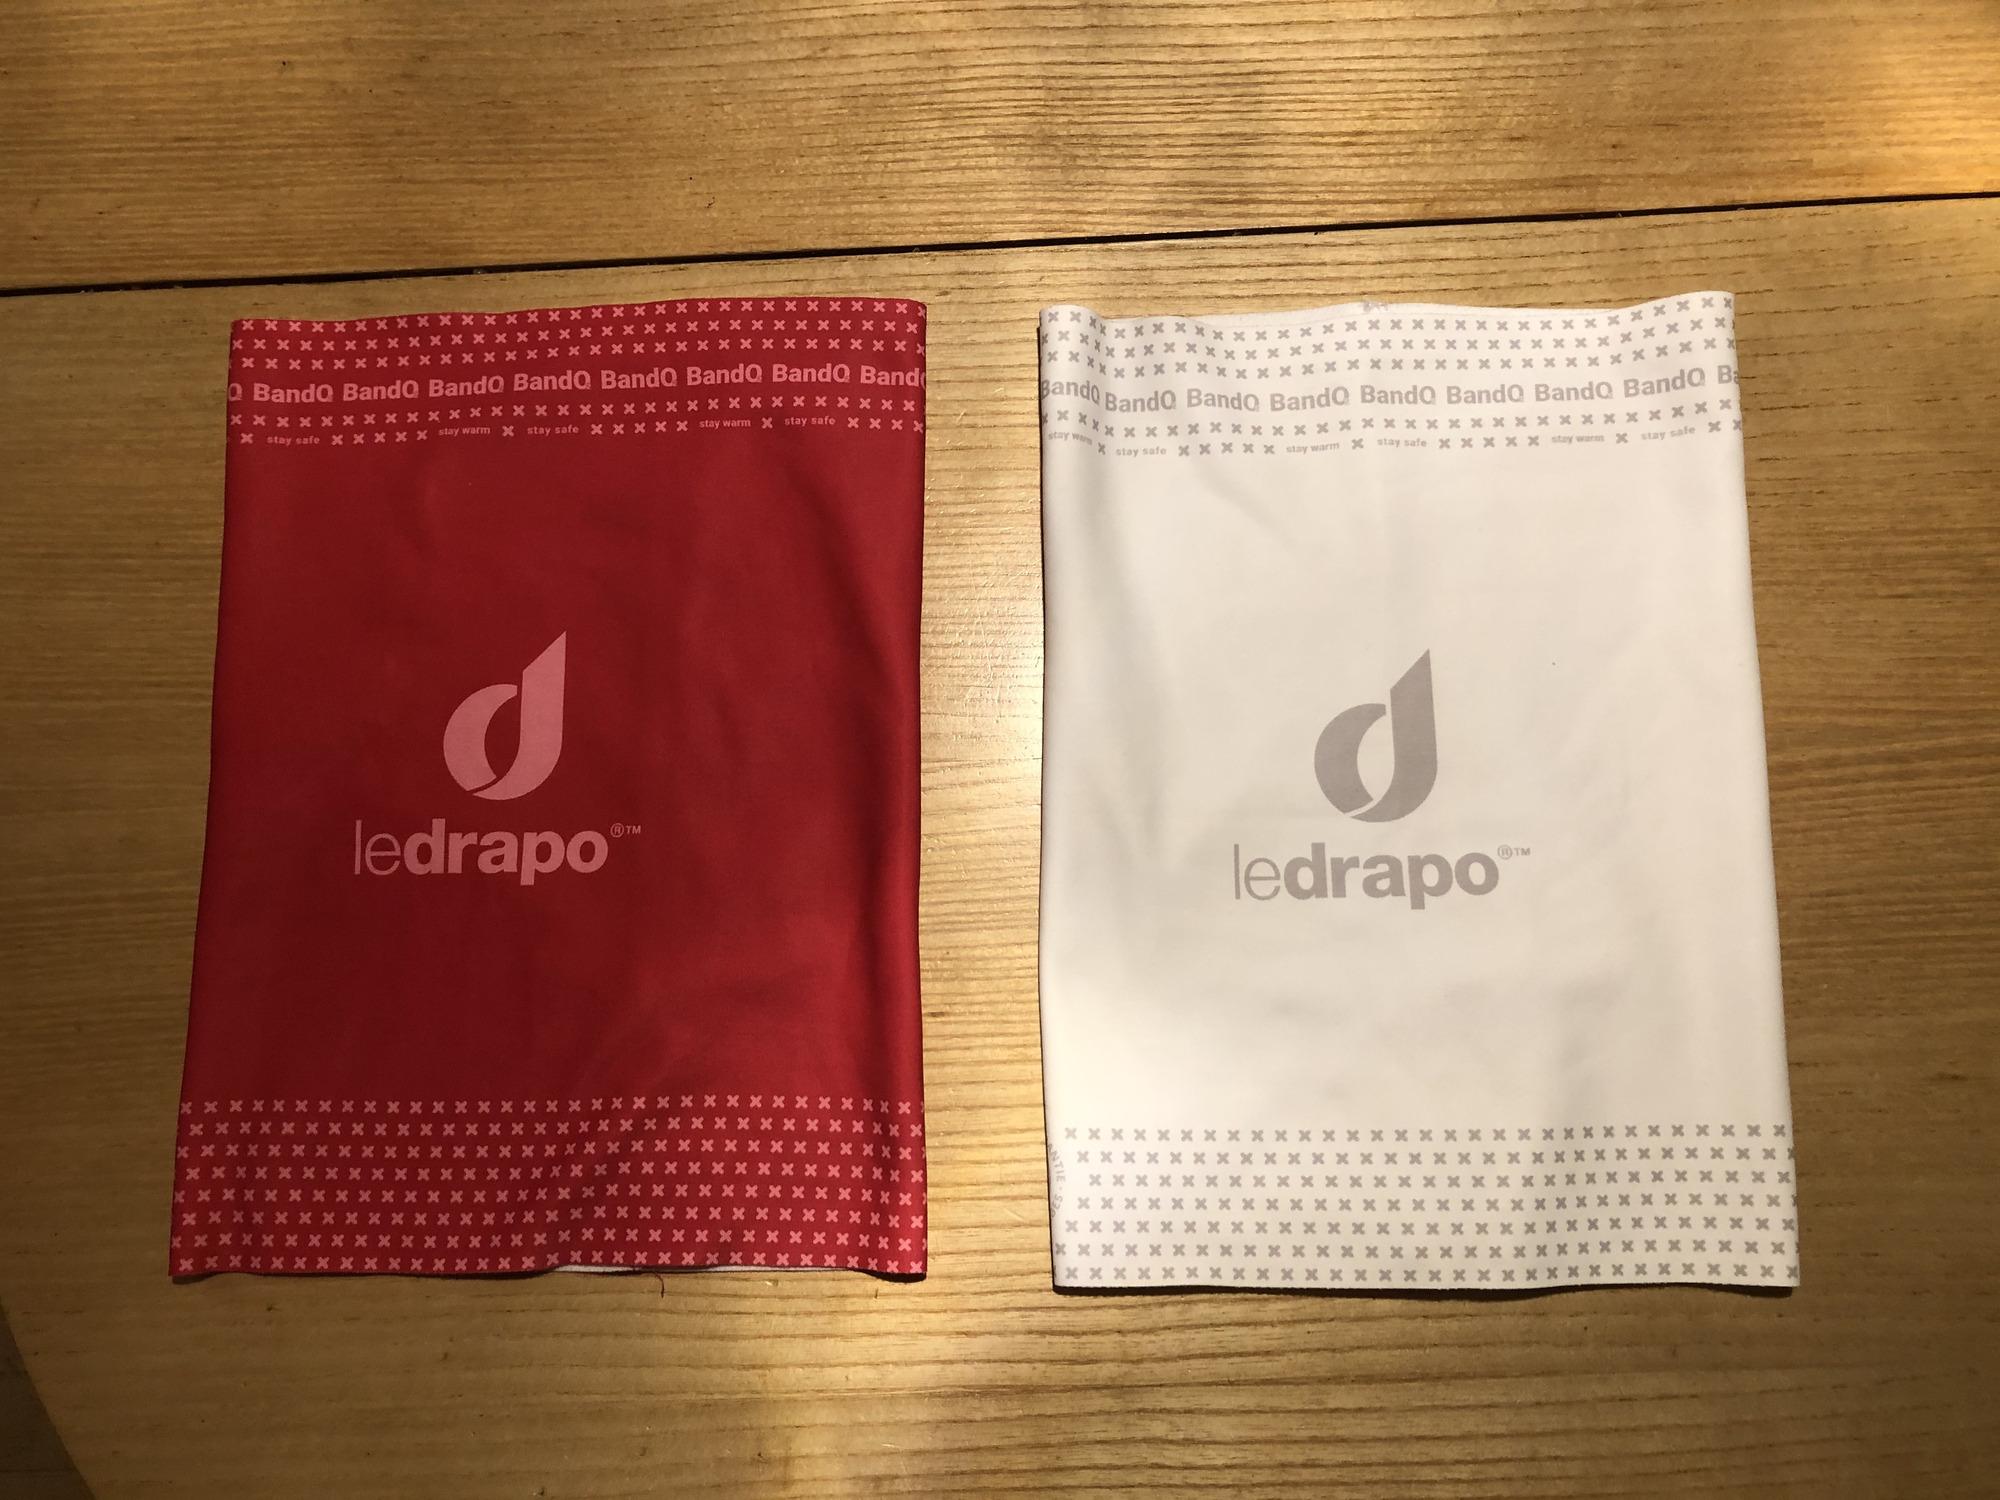 LE DRAPO Tour de cou filtrant Bando2